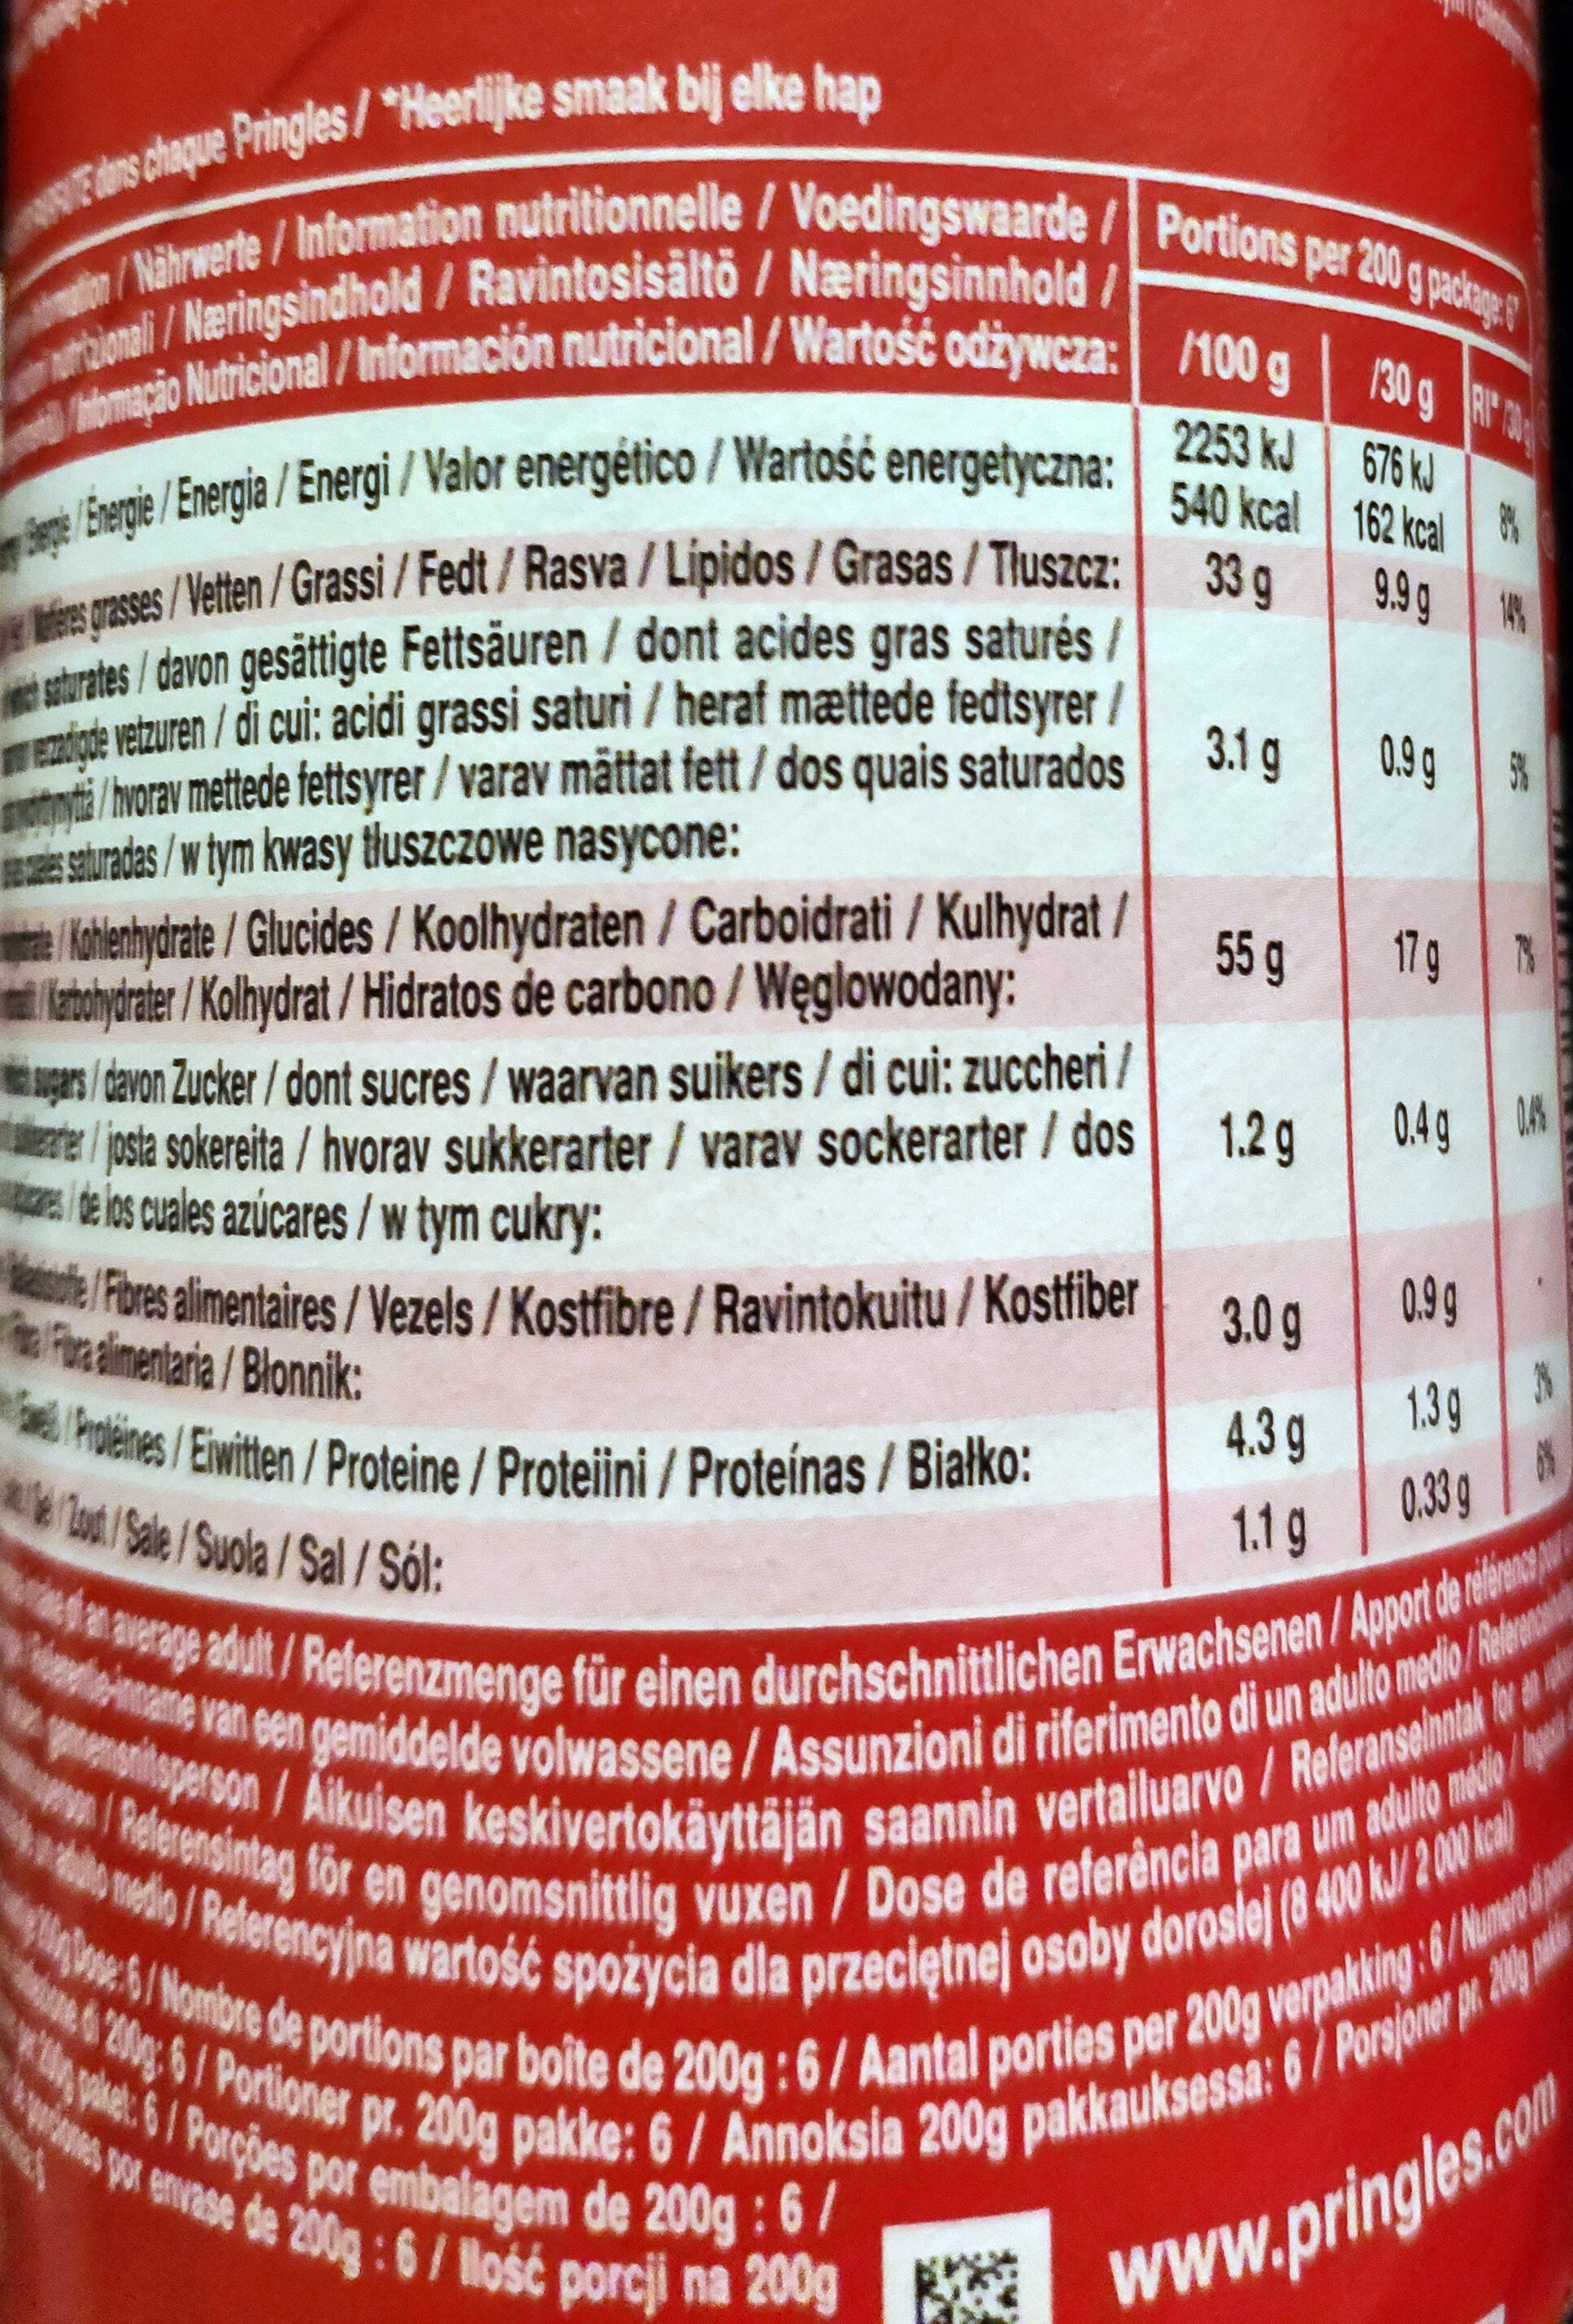 Pringles Original - Informação nutricional - pt